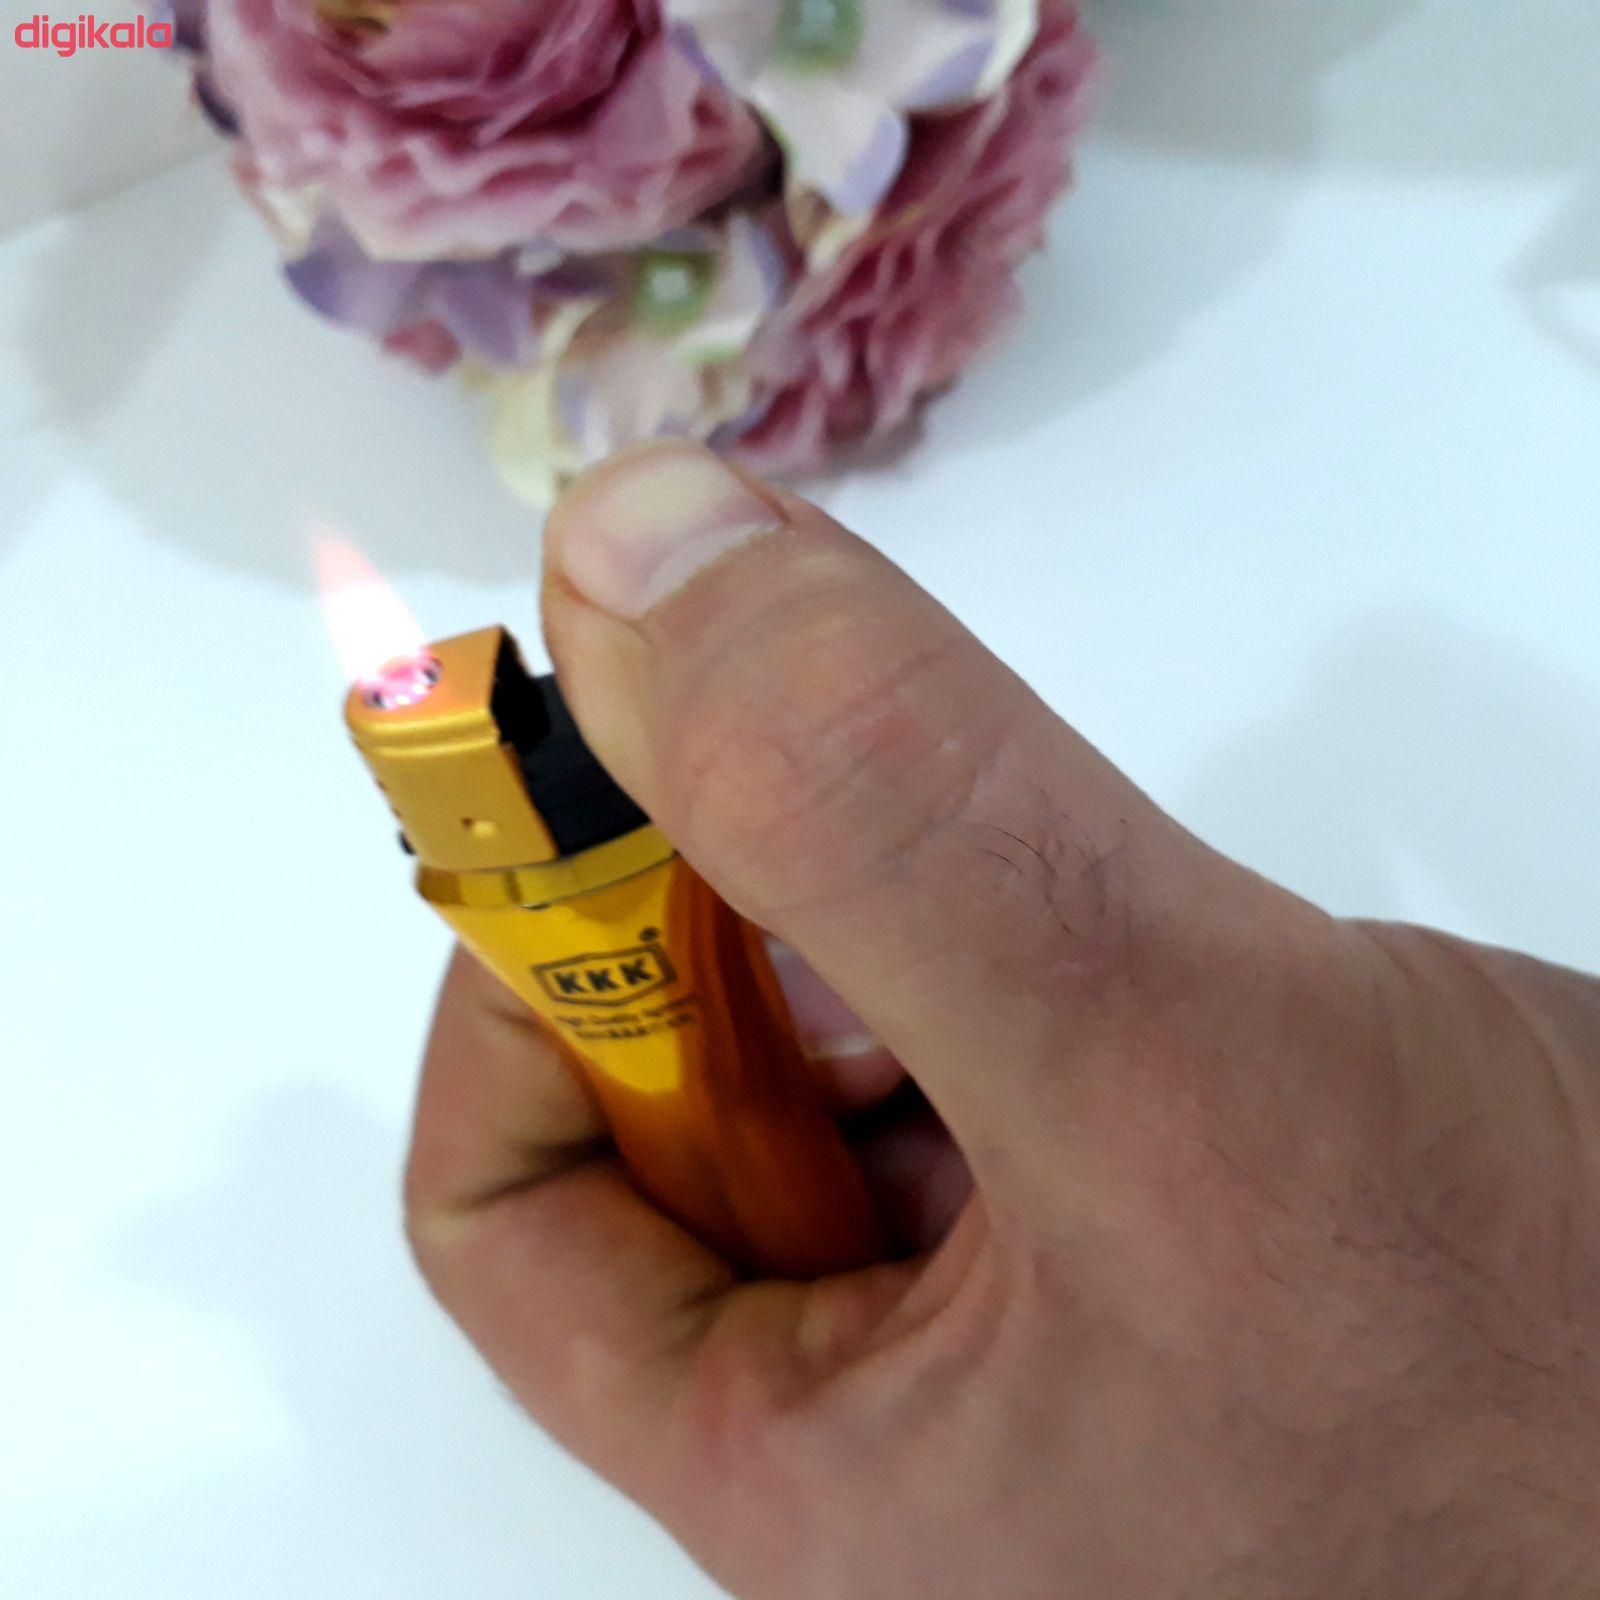 فندک کی کی کی کد 59 main 1 2